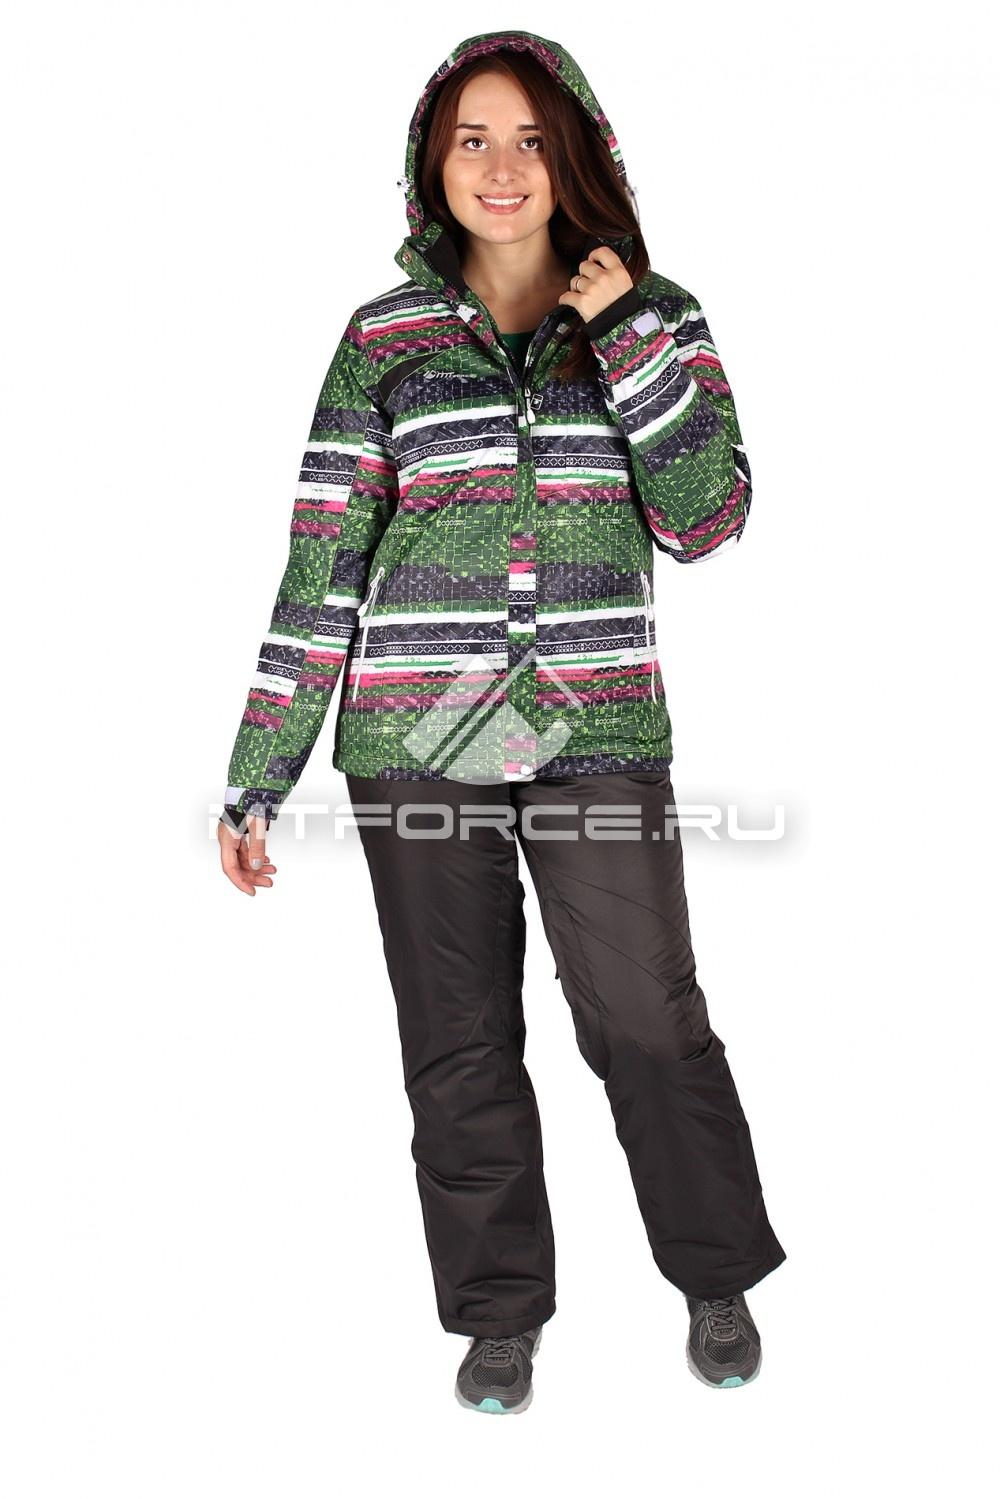 Где купить лыжный костюм женский доставка